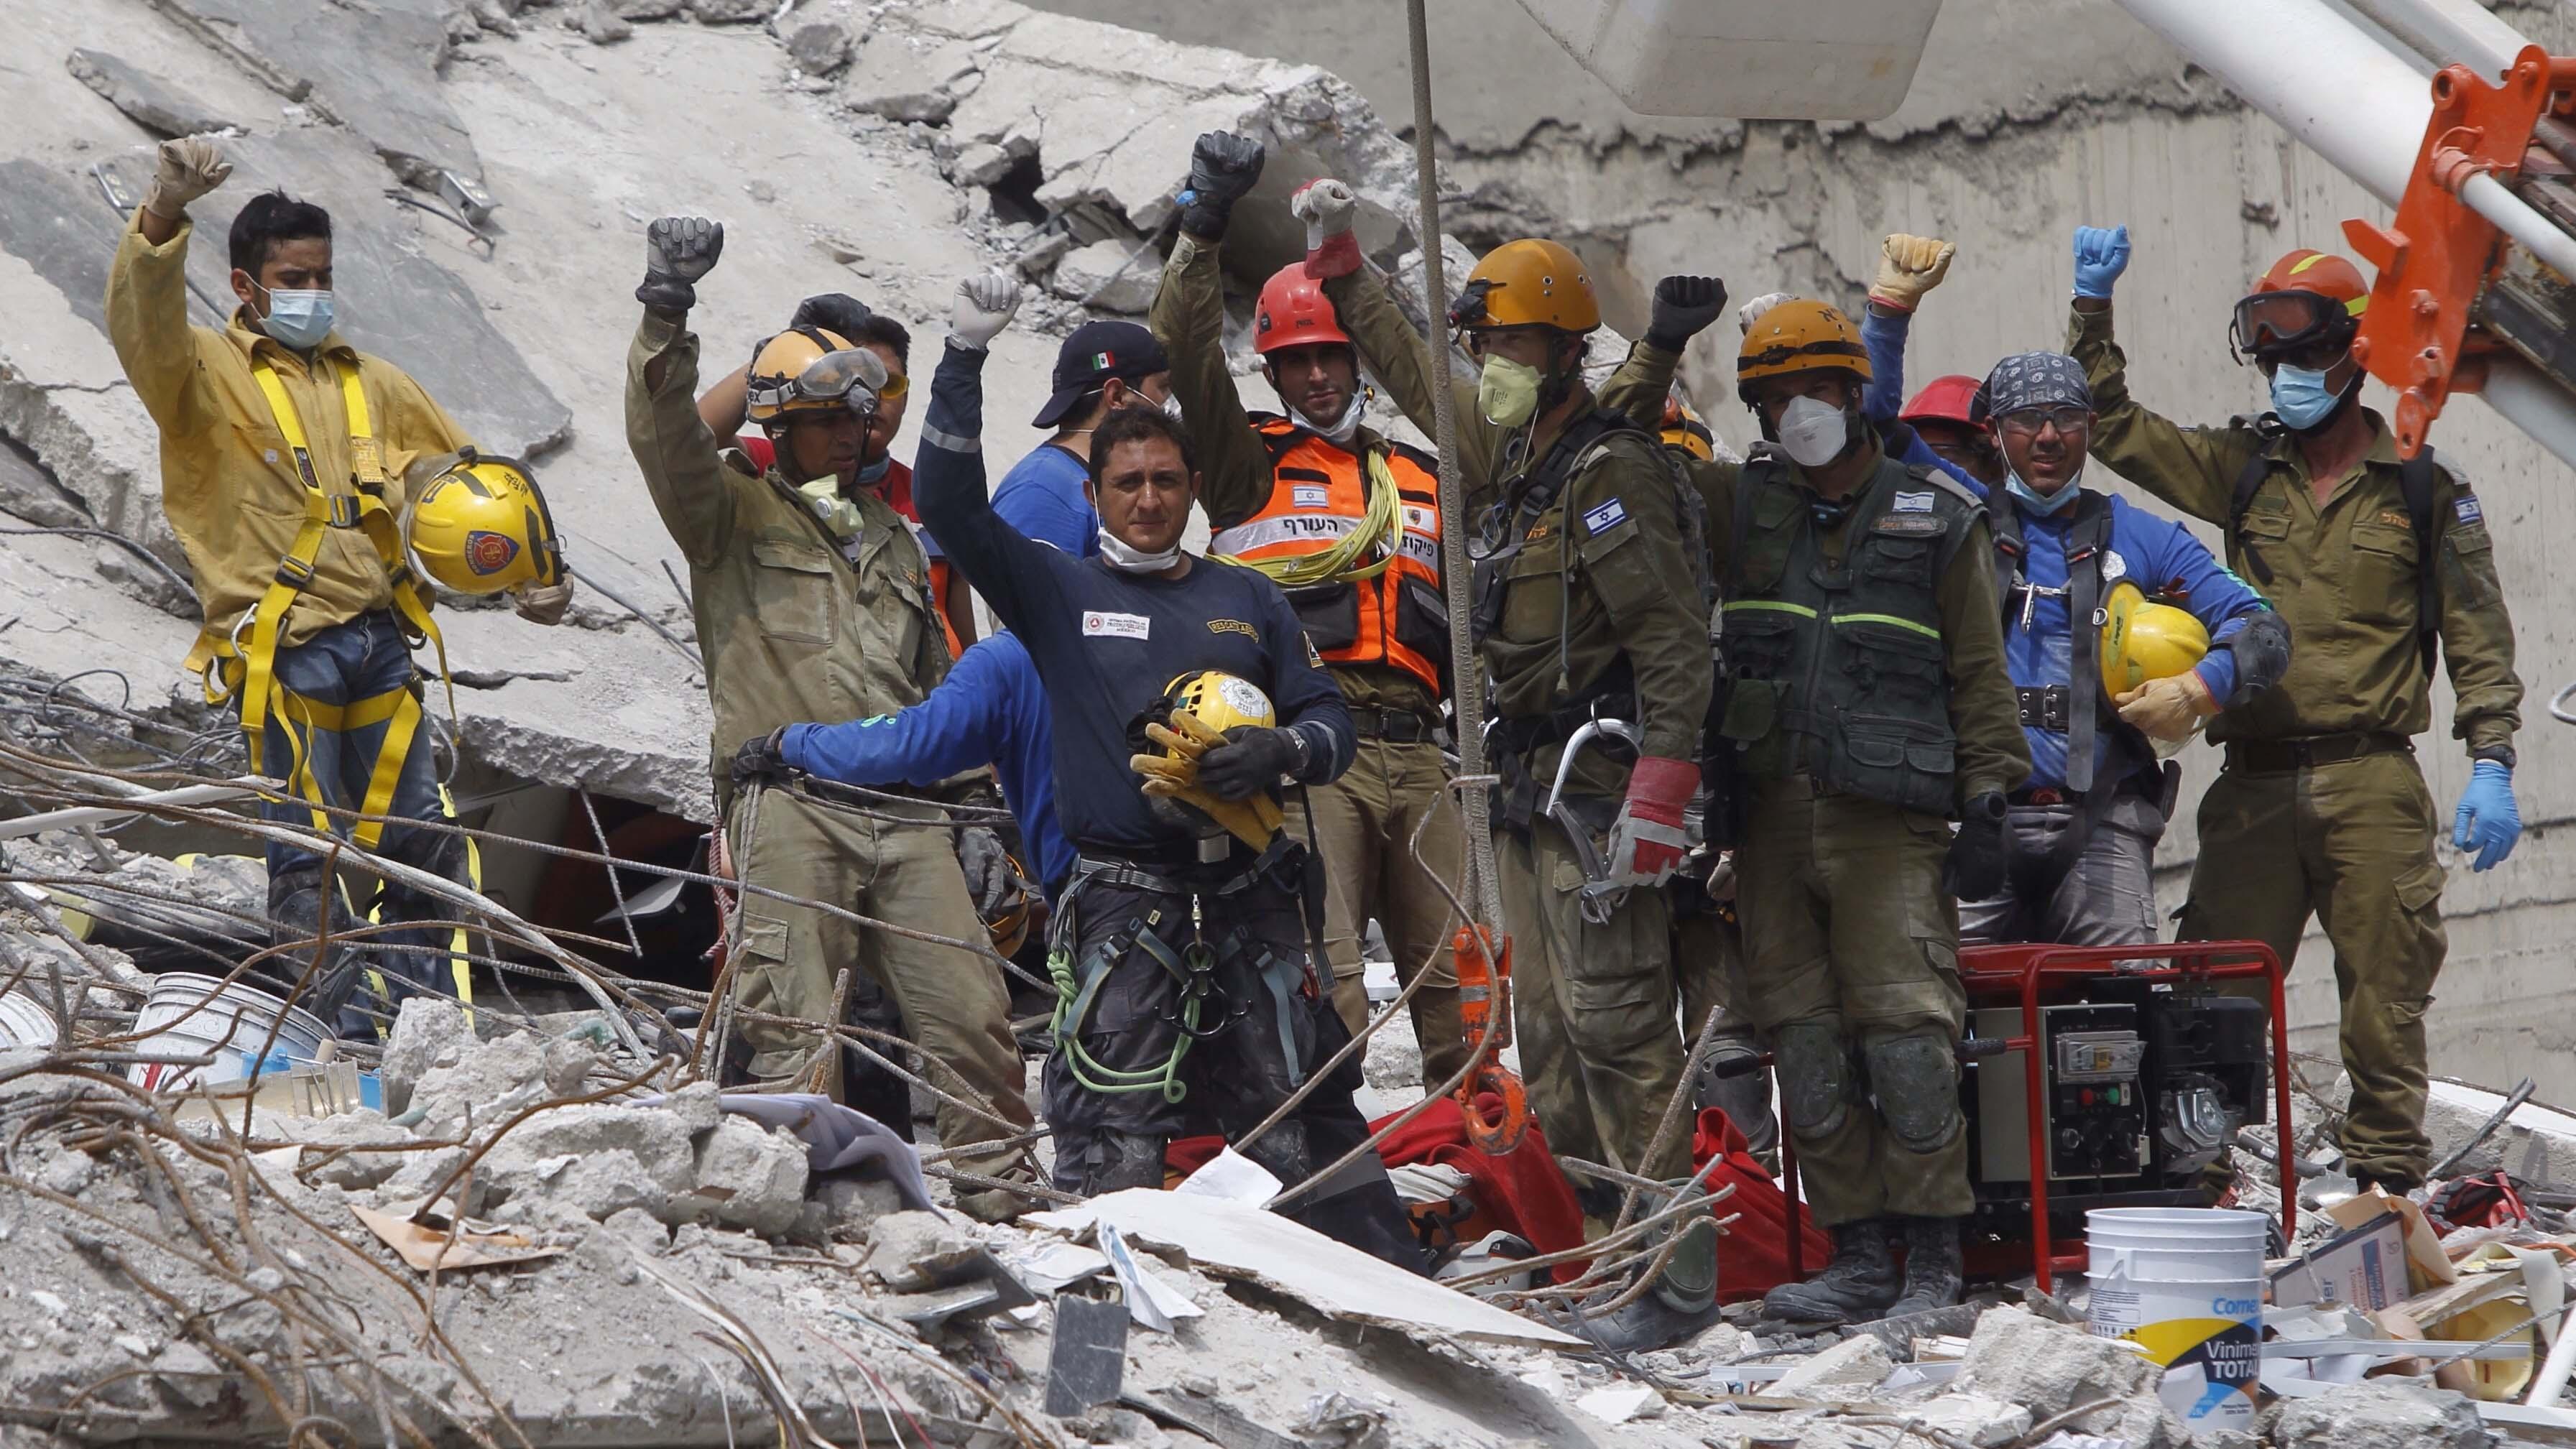 Inmediatez y rating de los noticieros durante el terremoto de México